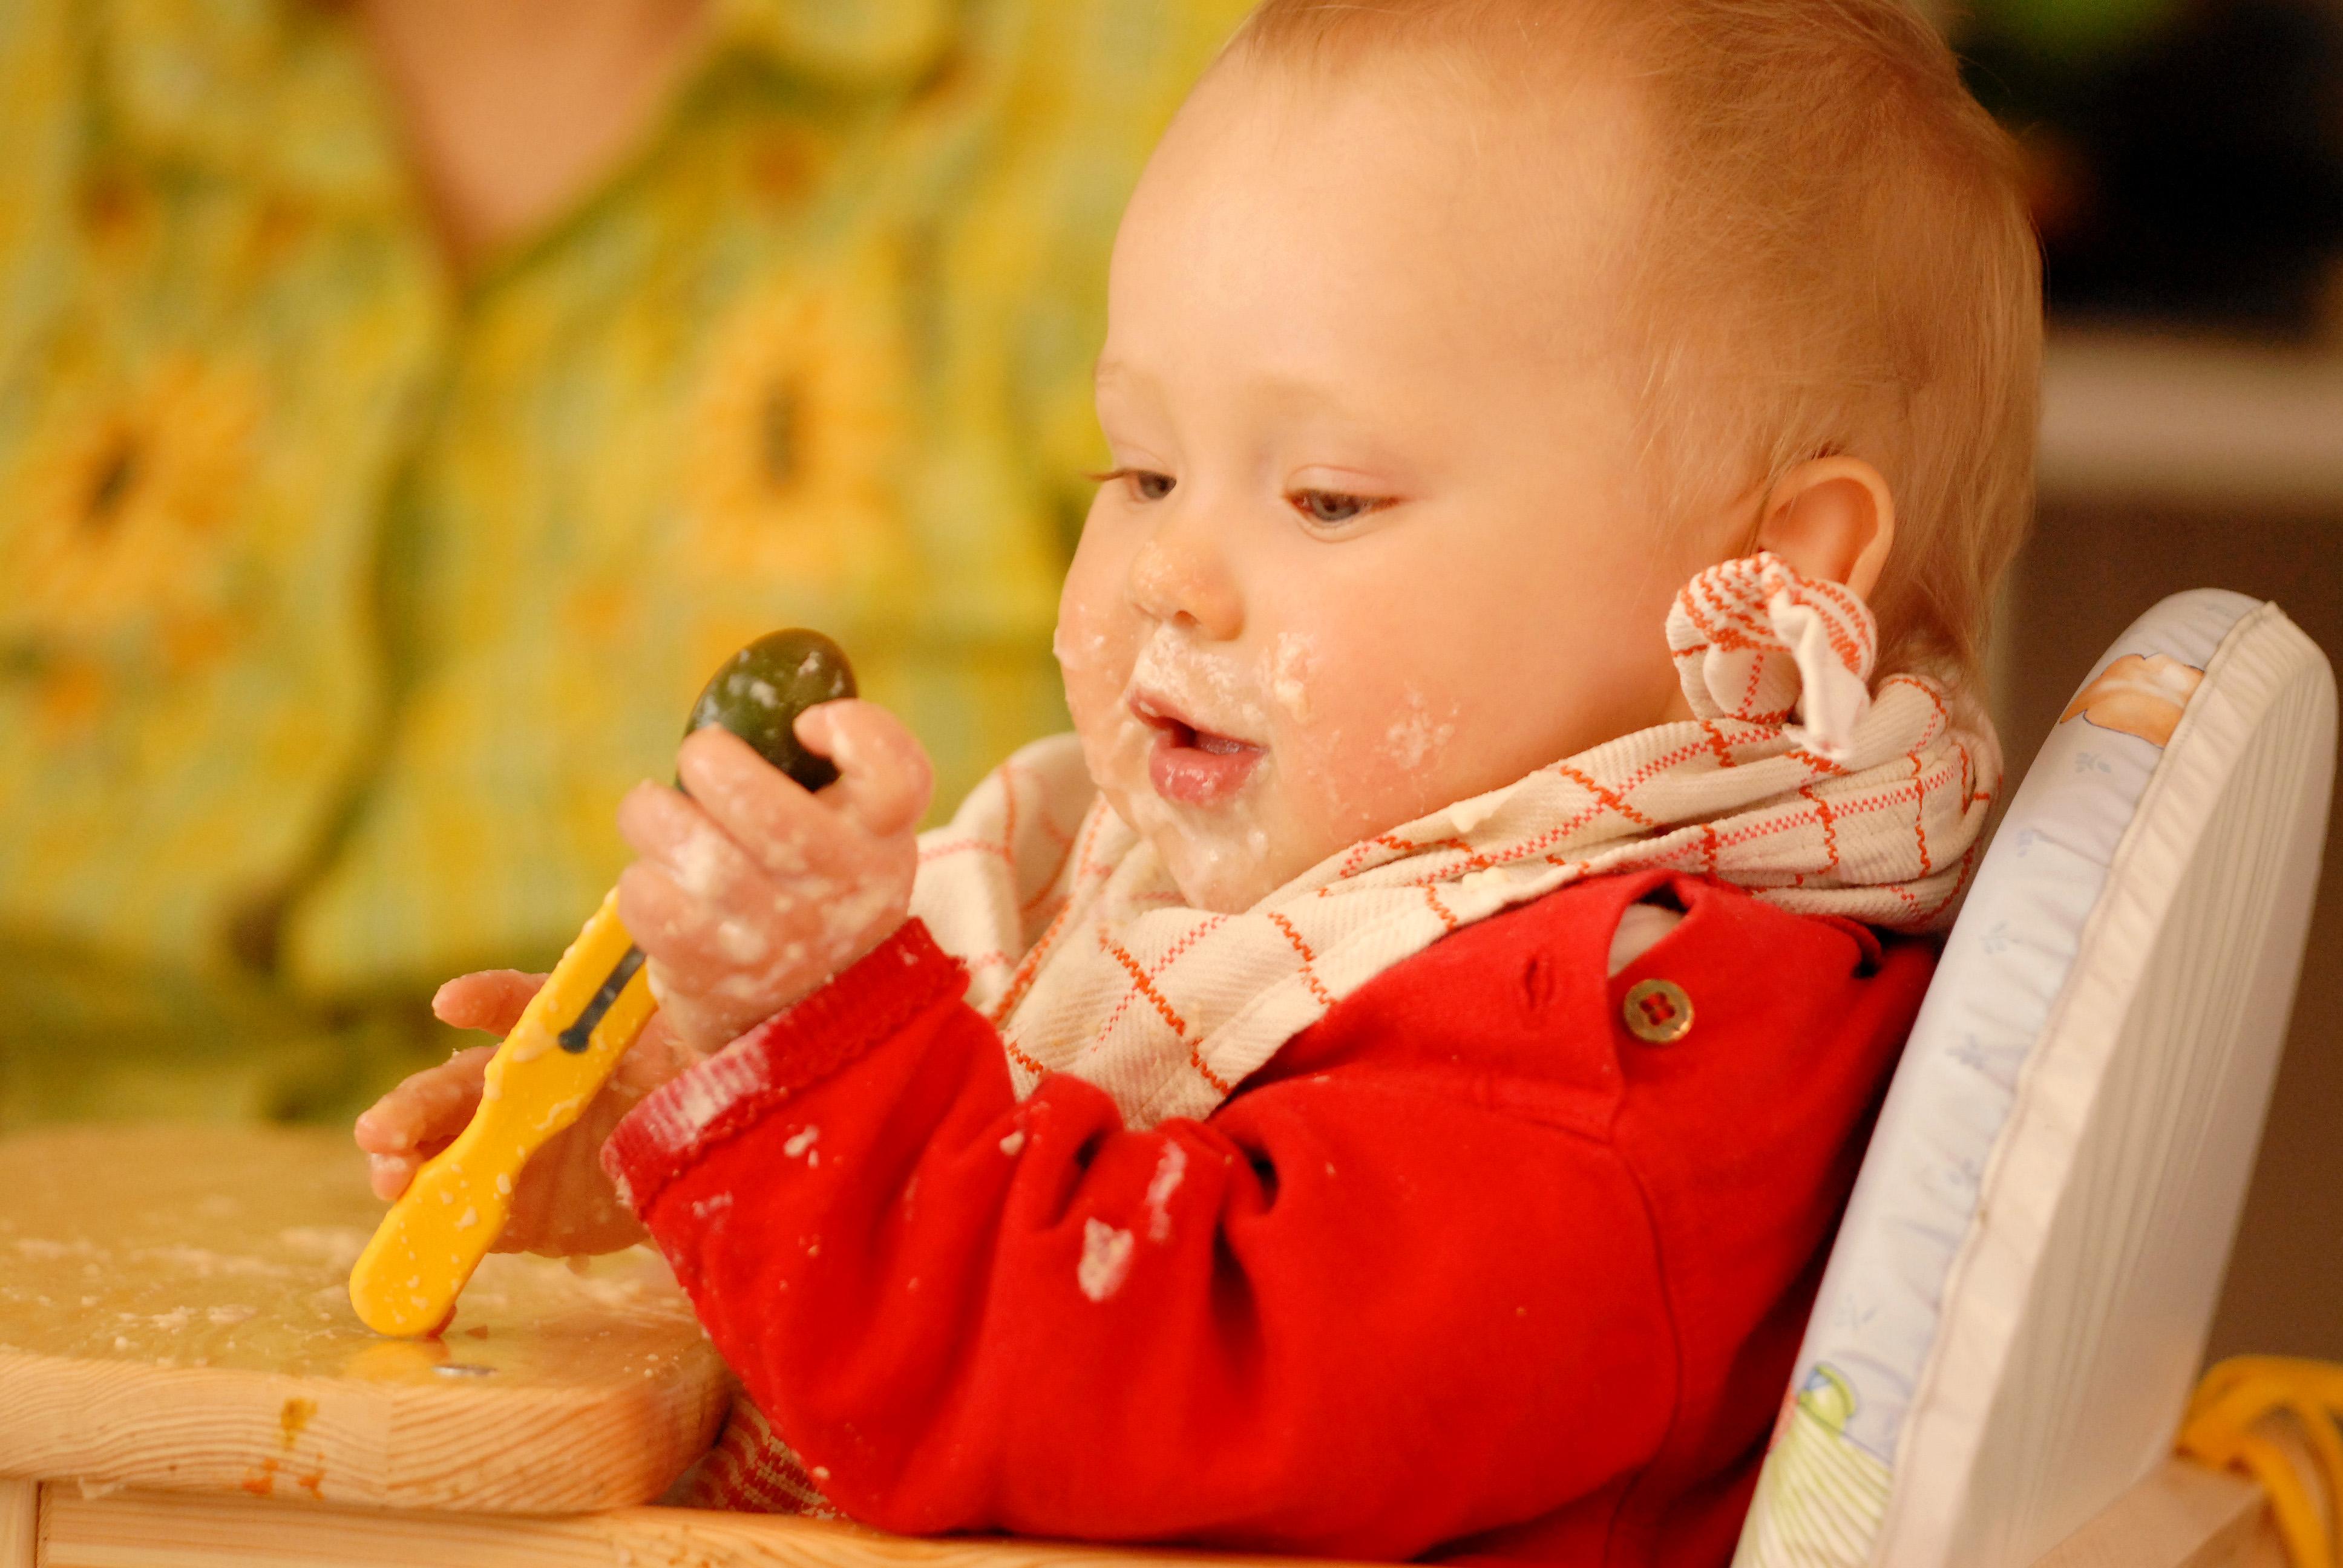 diversificarea la bebelusi - sfatulparintilor.ro - diversificarea la bebelusi - alimente bebelusi - stockfreeimages.com